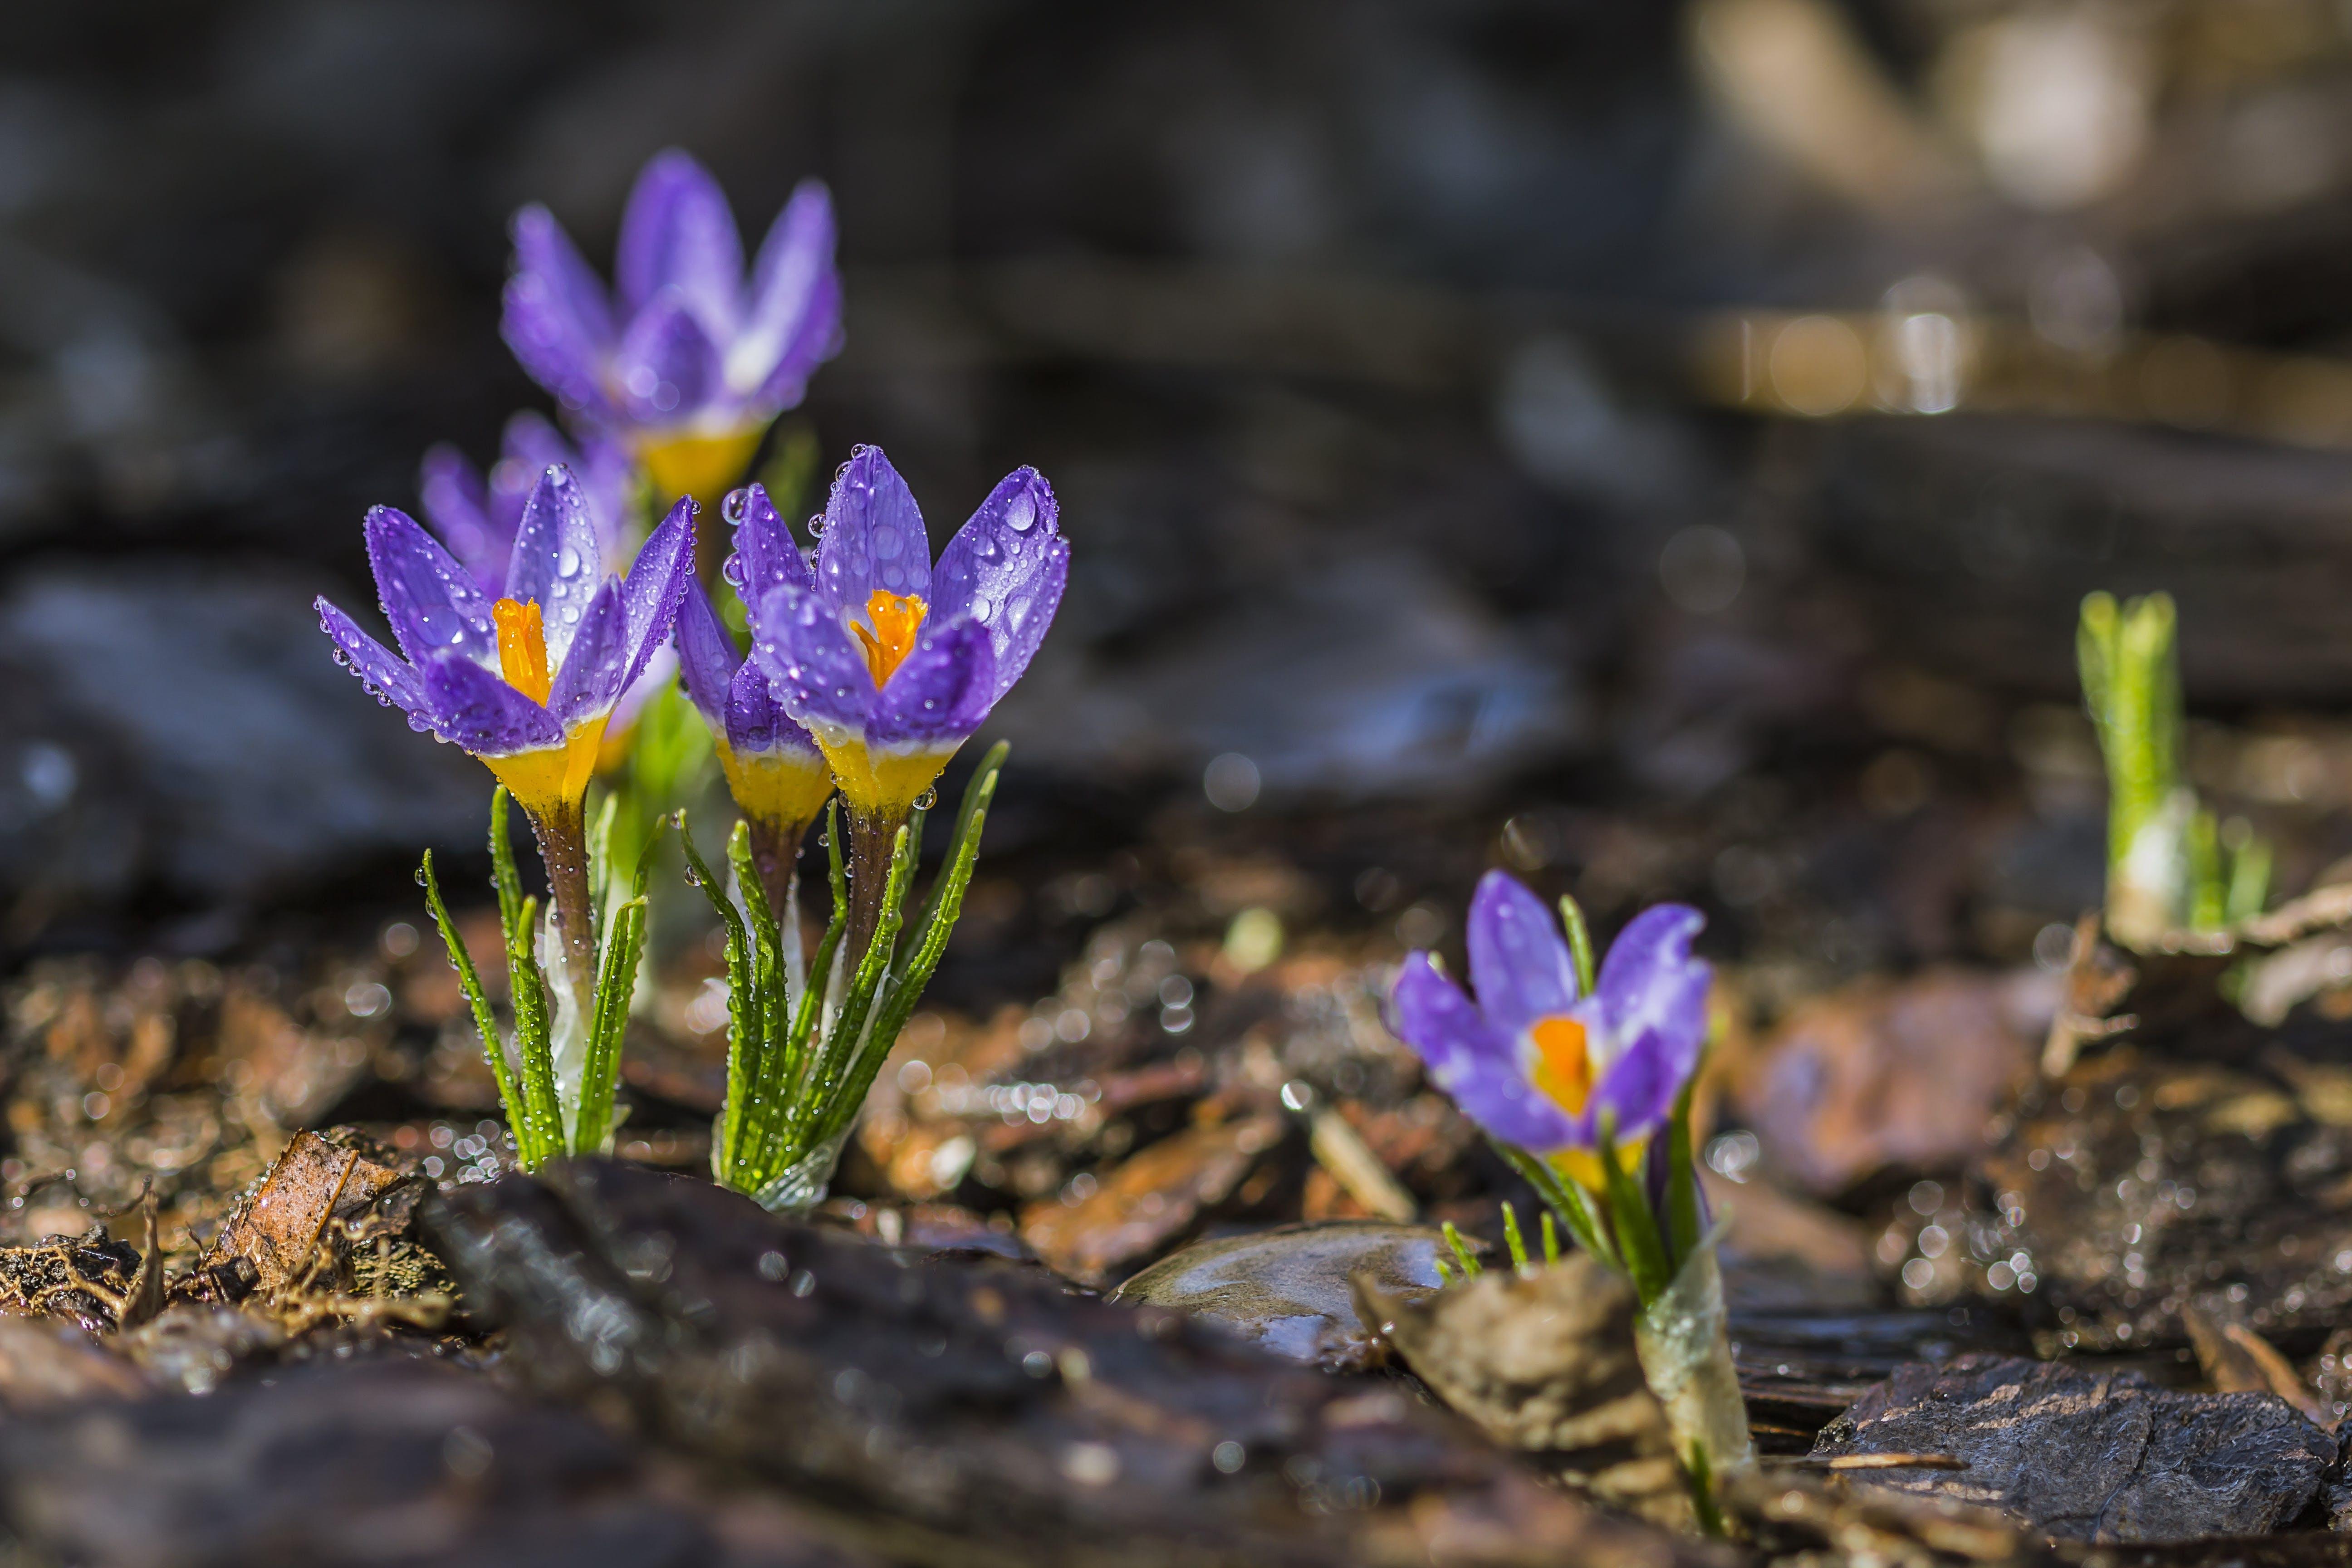 クロッカス, フラワーズ, フローラ, 咲くの無料の写真素材